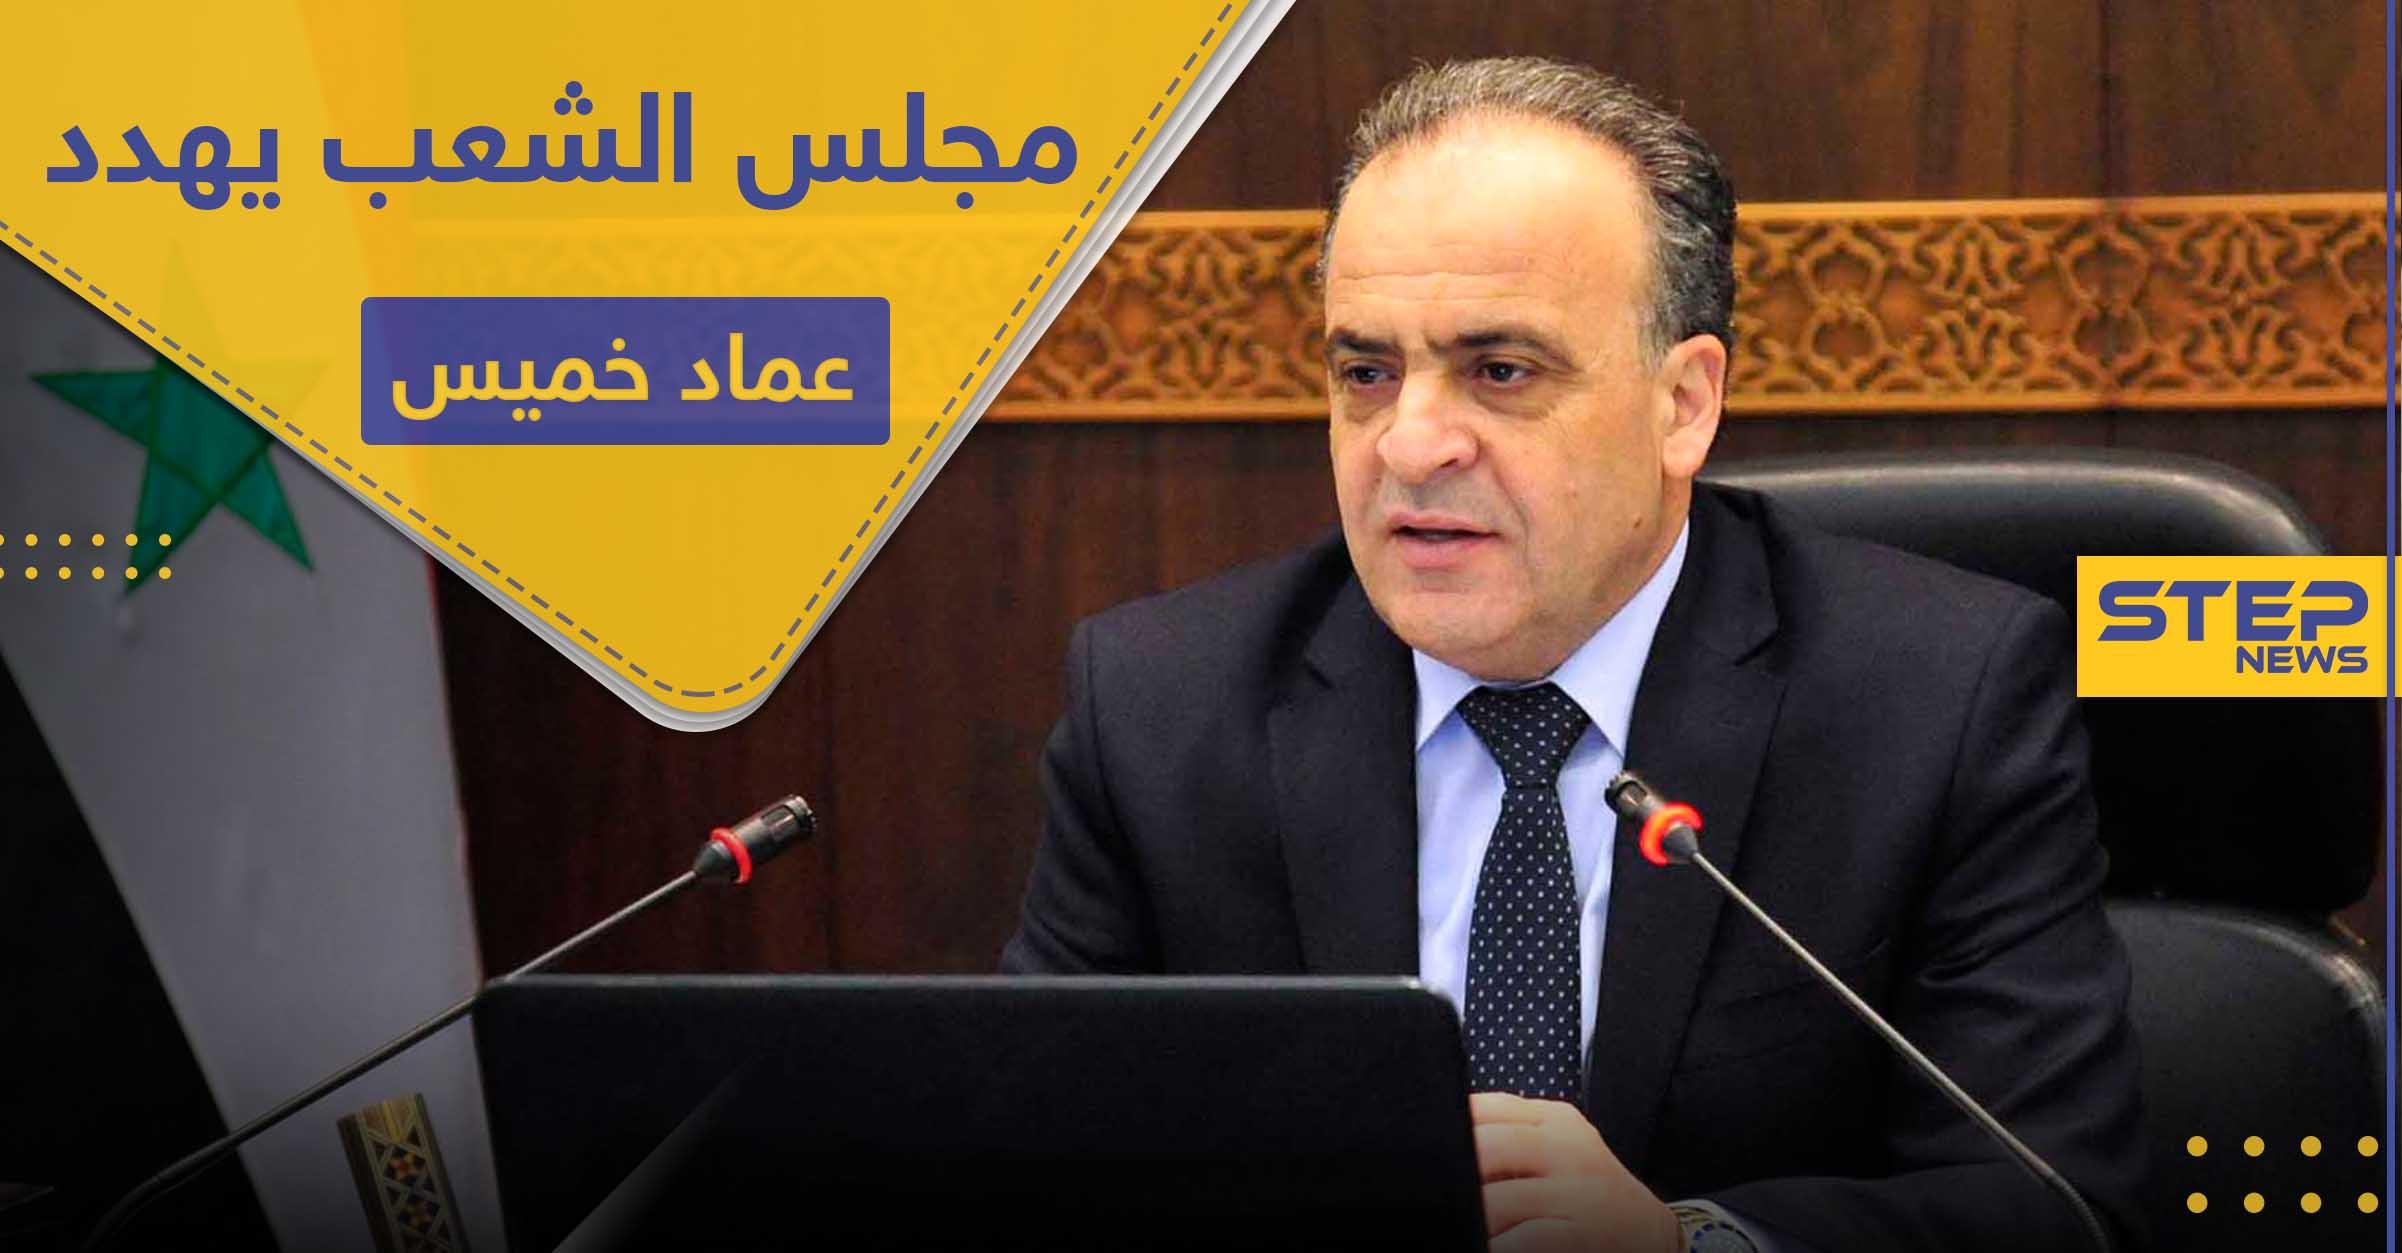 قبل إقالة حكومته.. عماد خميس يتحدث عن حل لإنقاذ الليرة السورية ومجلس الشعب يهدده